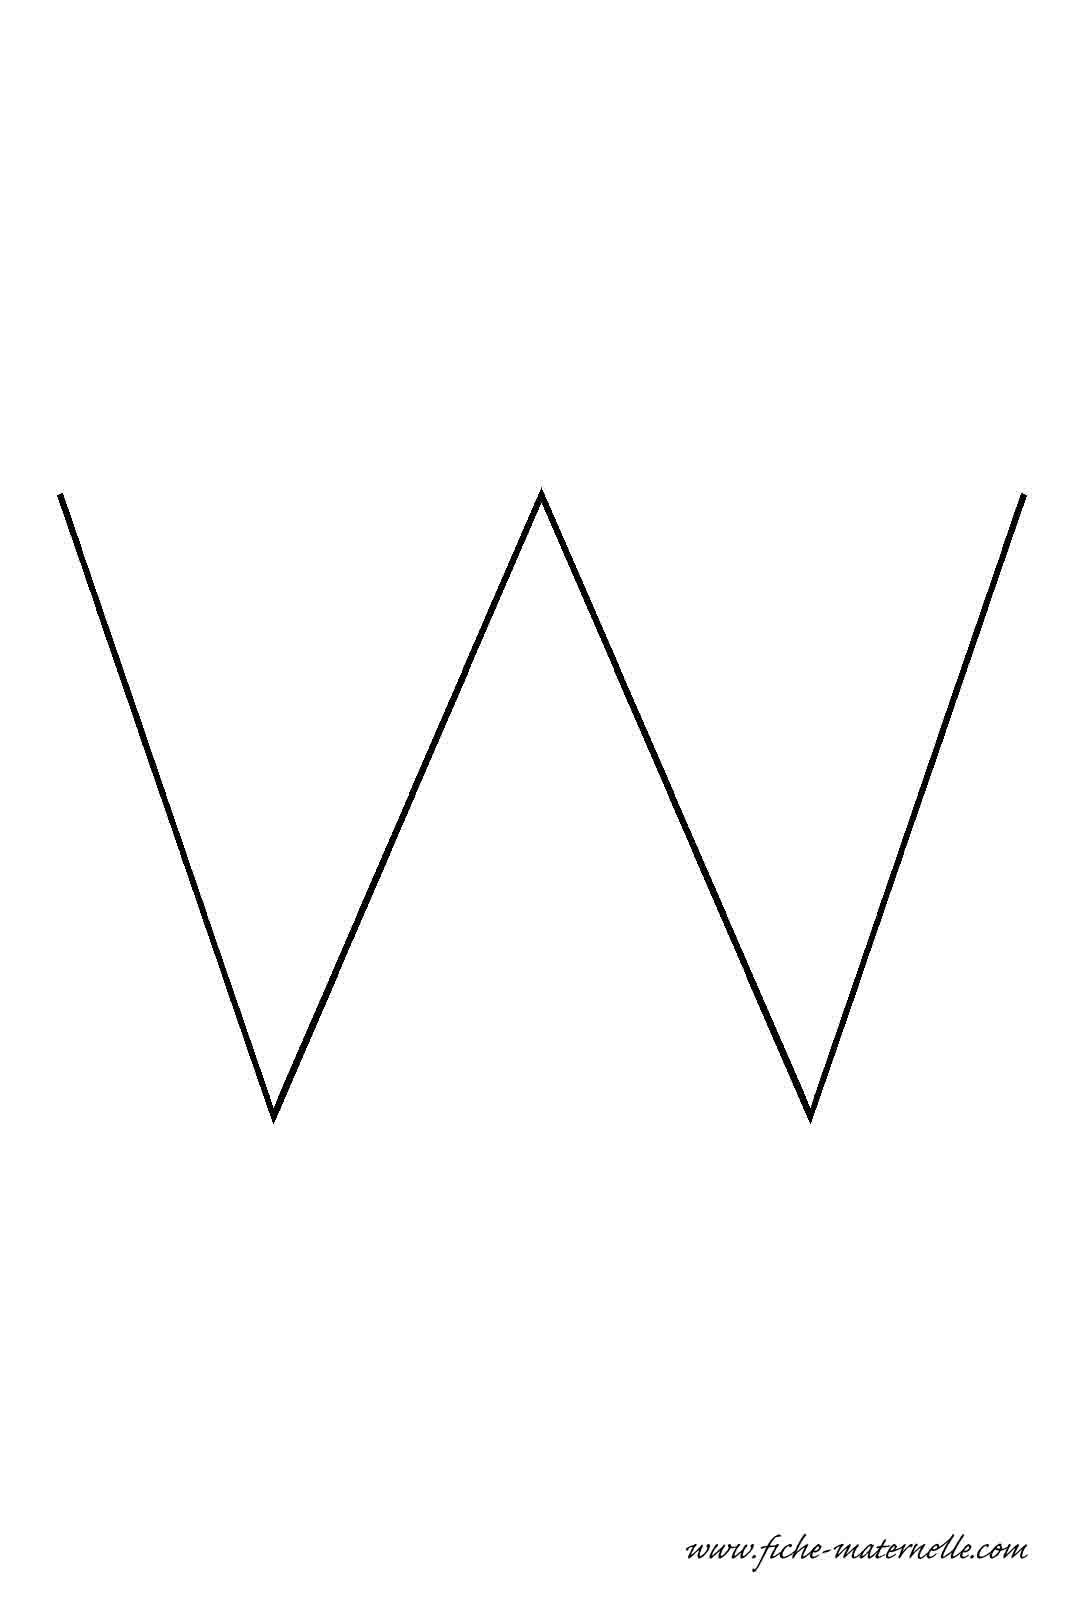 Lettre de l 39 alphabet d corer la lettre capitale w fil de fer - Lettres de l alphabet a decorer ...